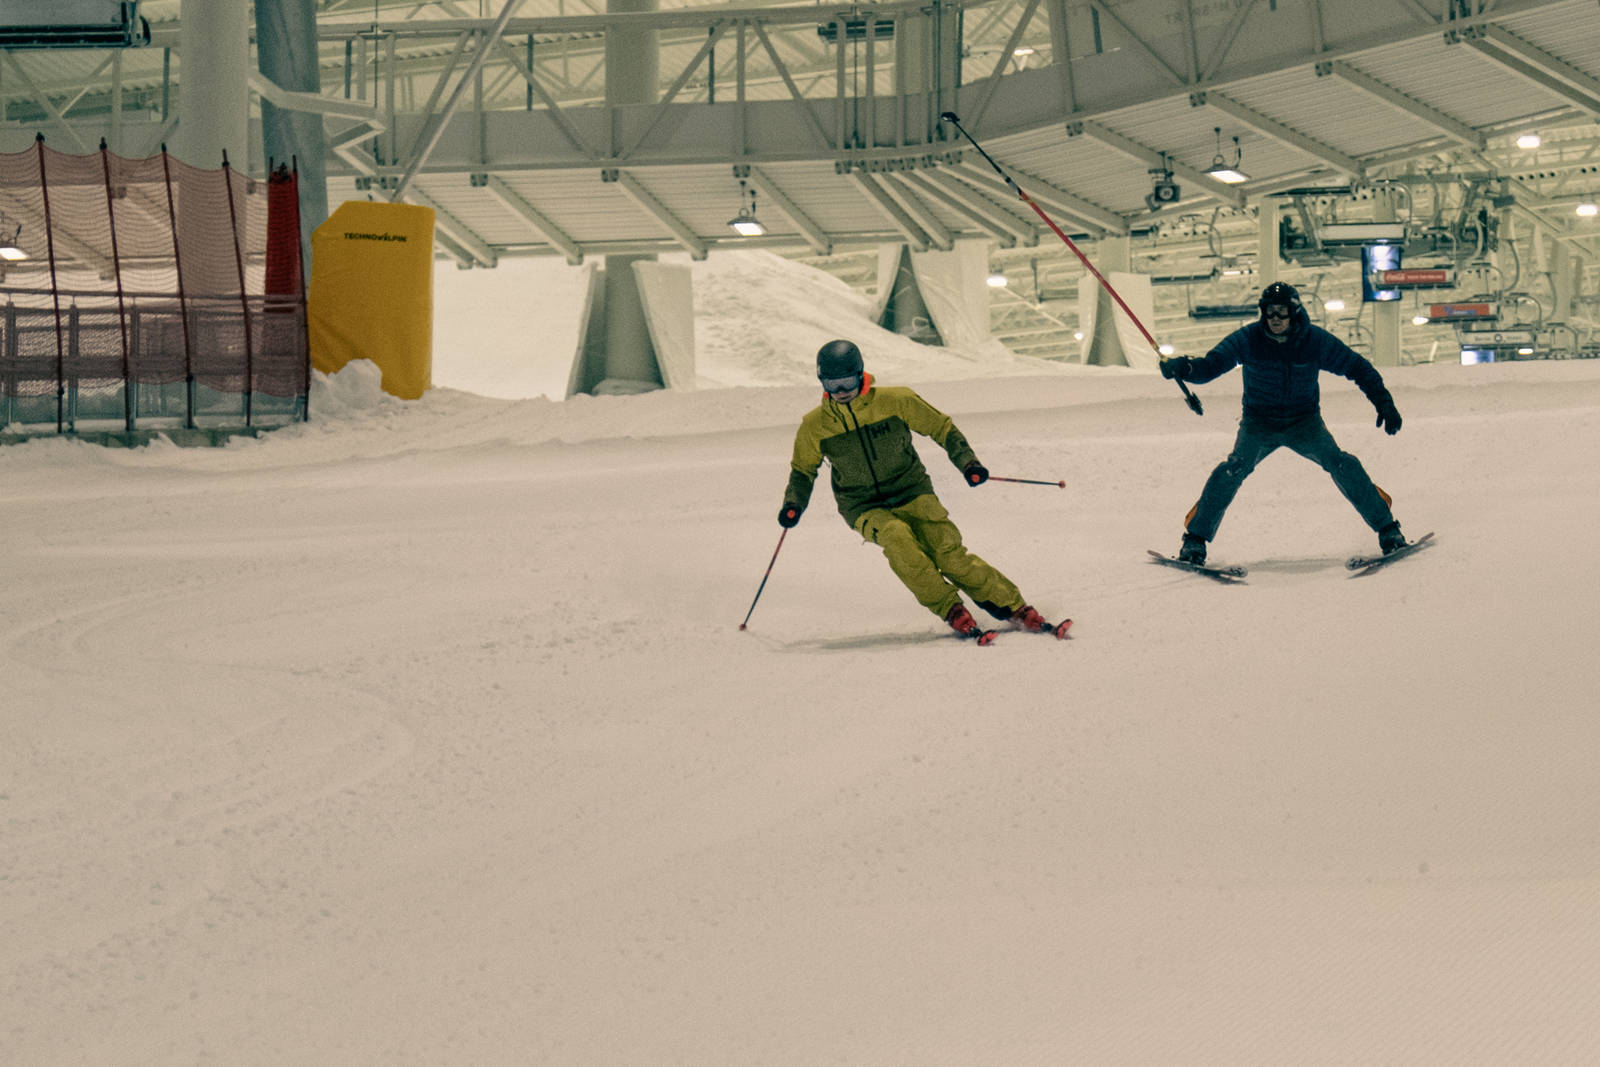 Terping av skiteknikk Snø alpint